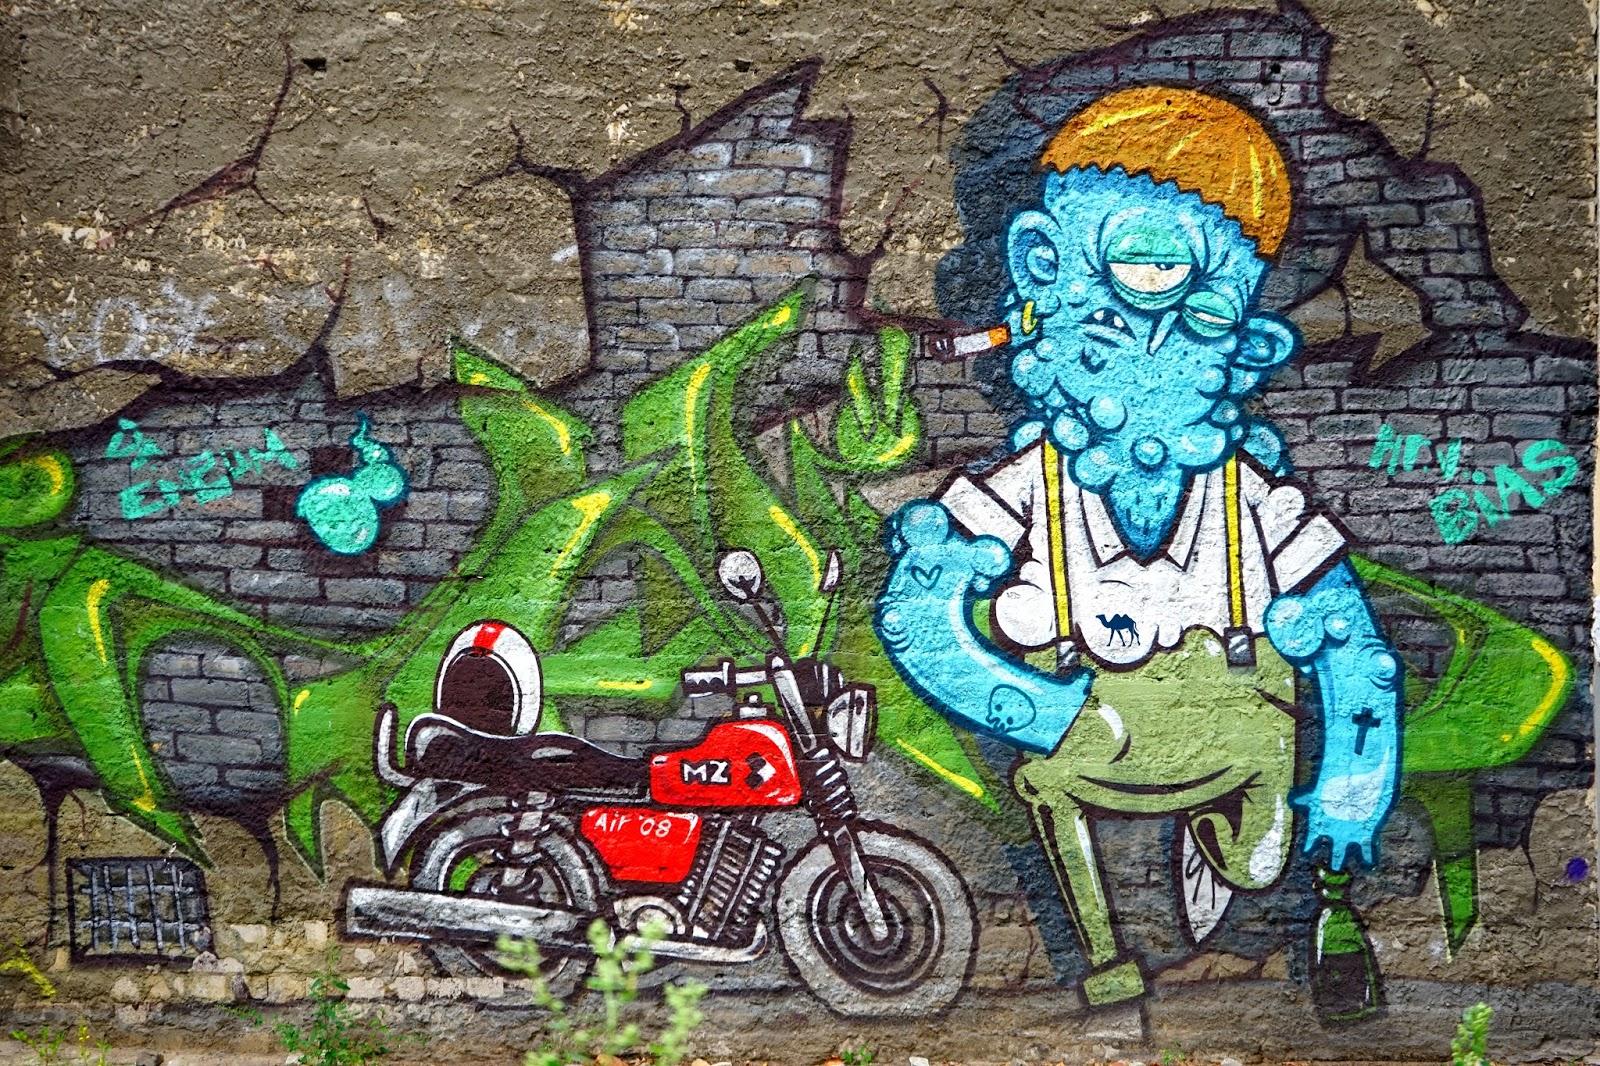 Le Chameau Bleu - Street Art - Moto Berlin Art contemporain